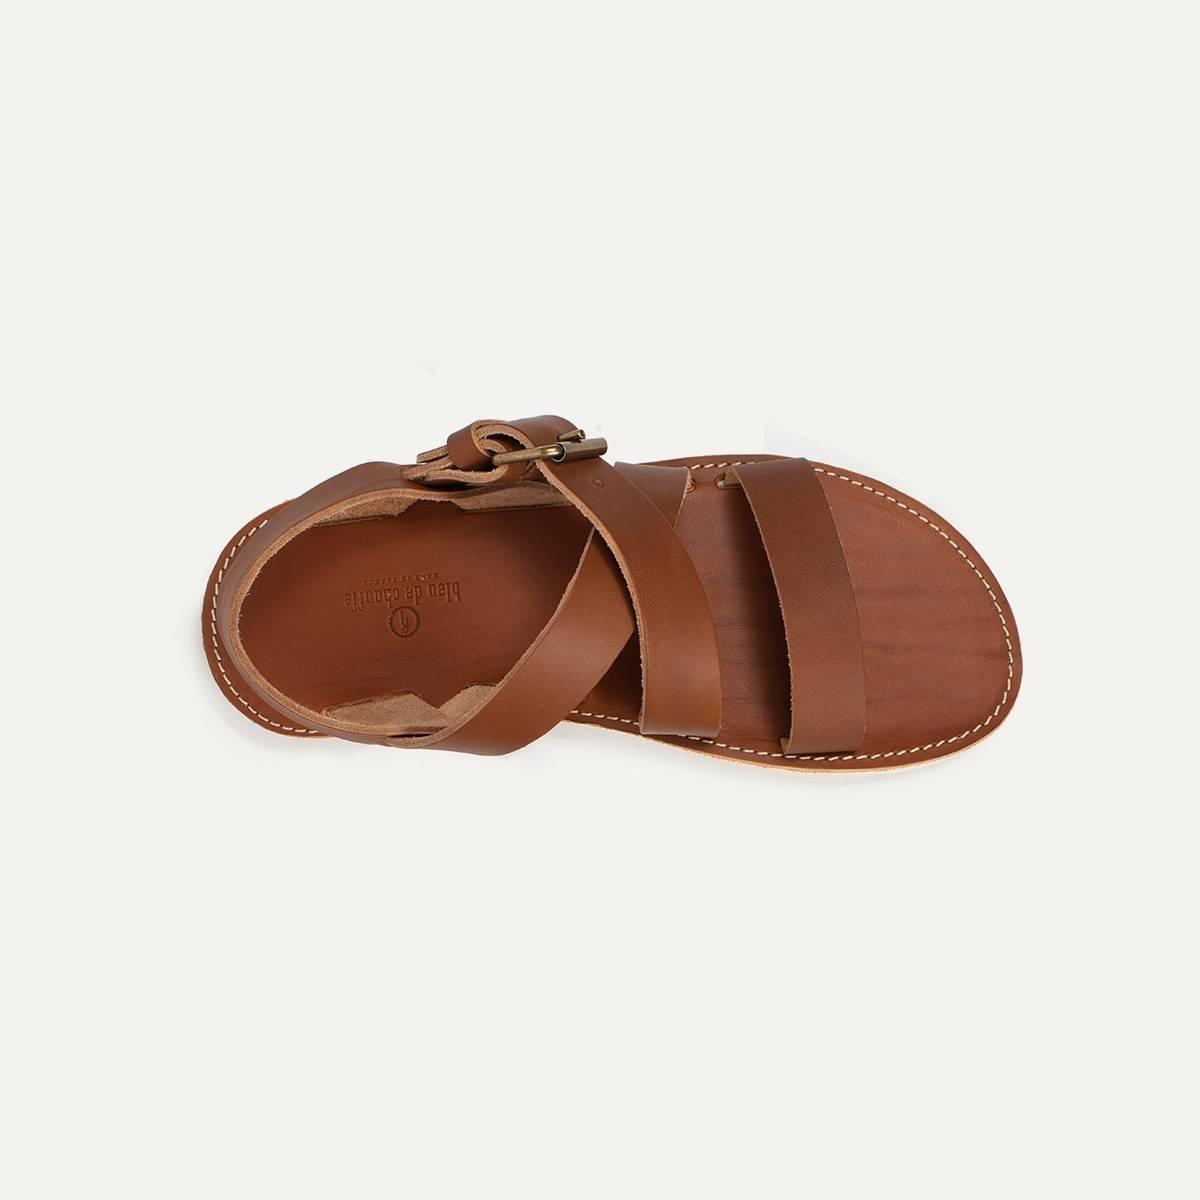 Sandales cuir Iwate - Pain Brûlé (image n°4)